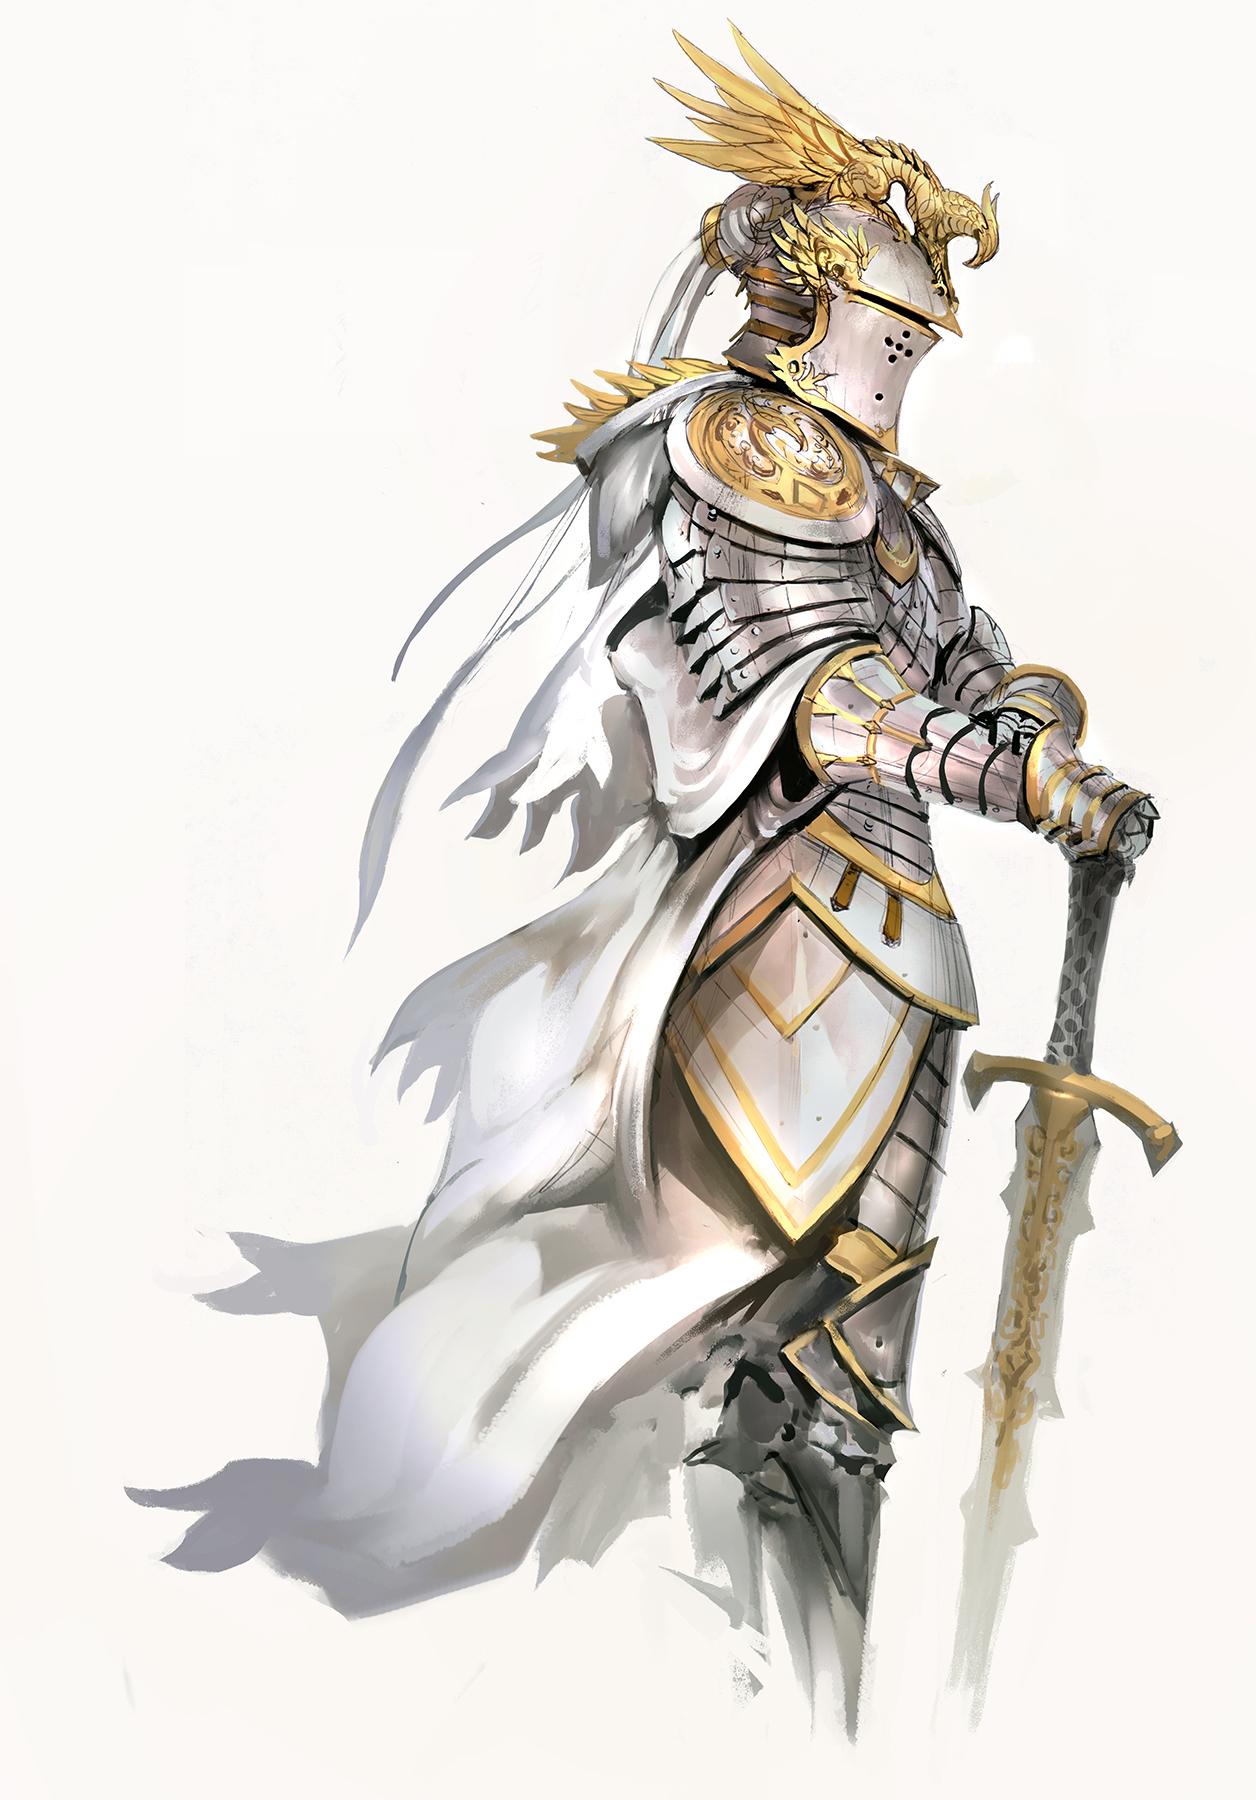 σύνδρομο λευκού ιππότη